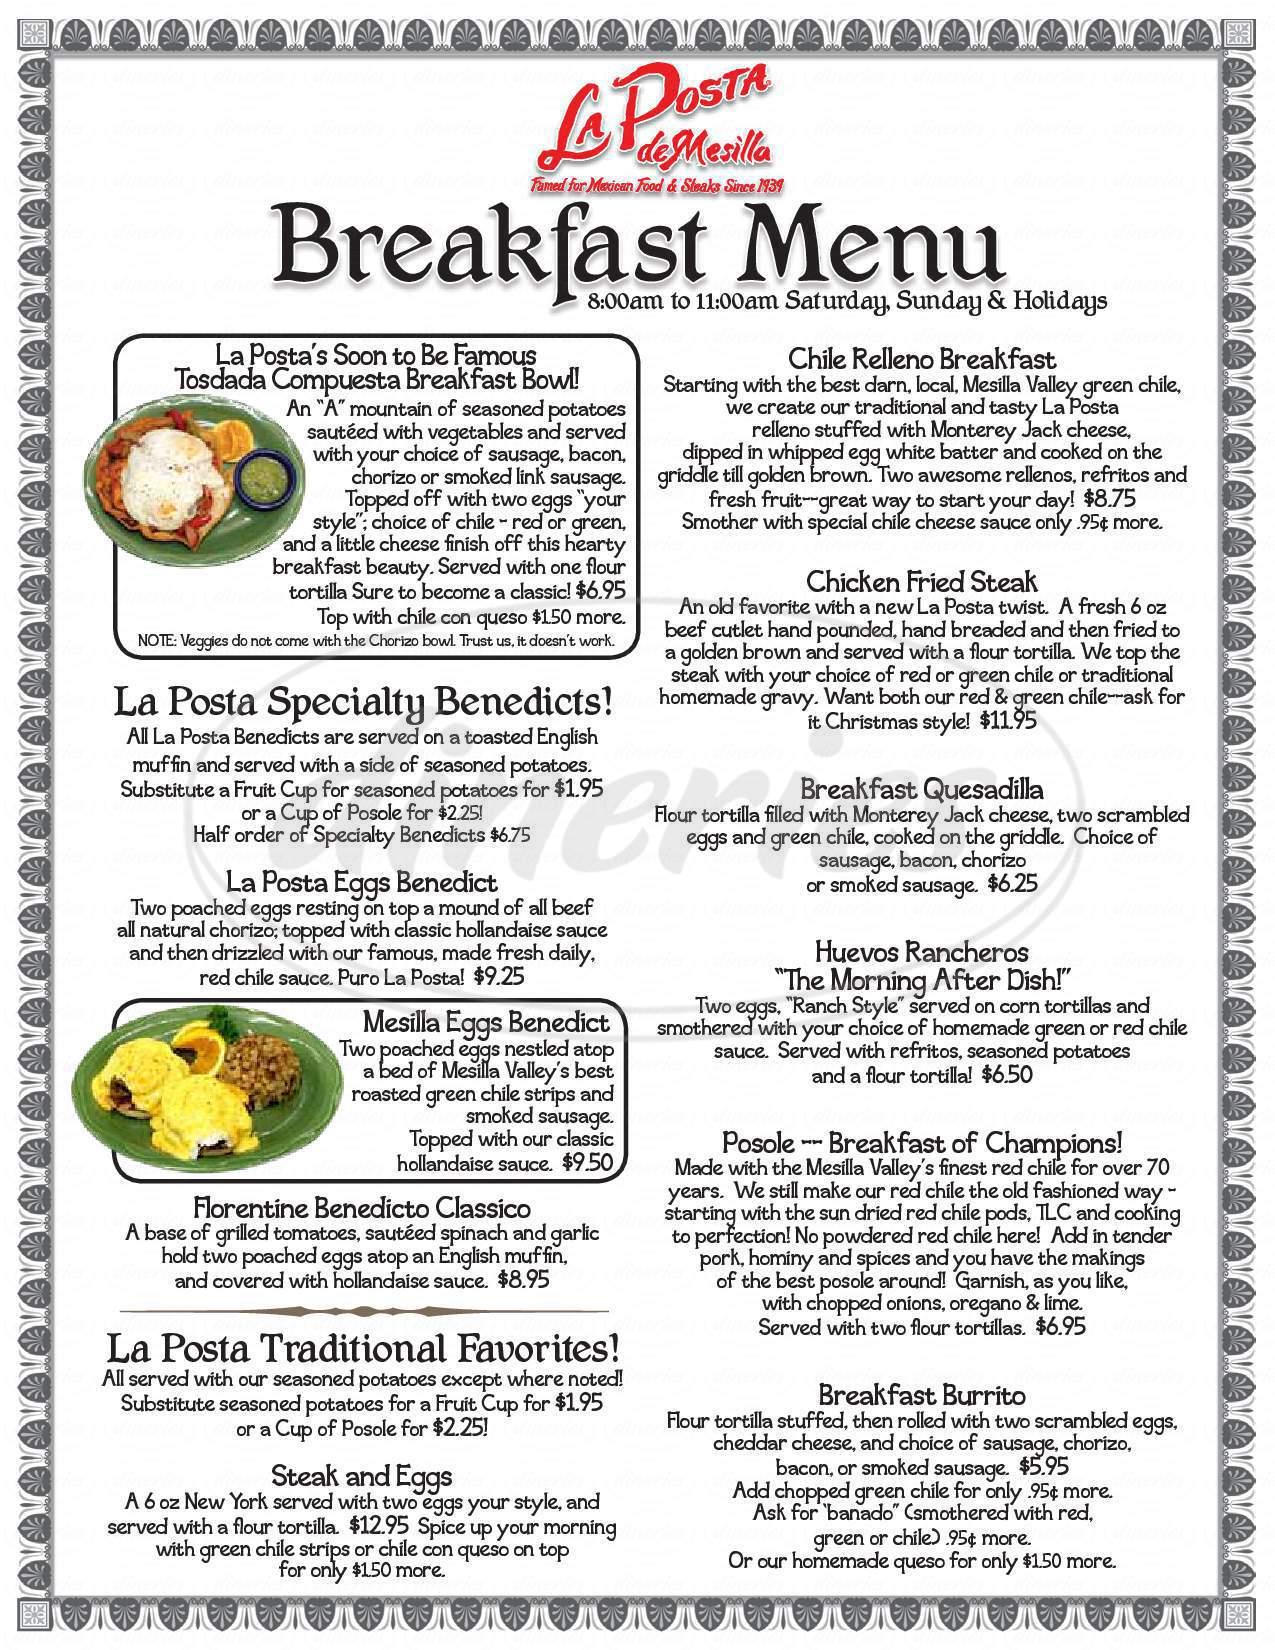 menu for La Posta de Mesilla